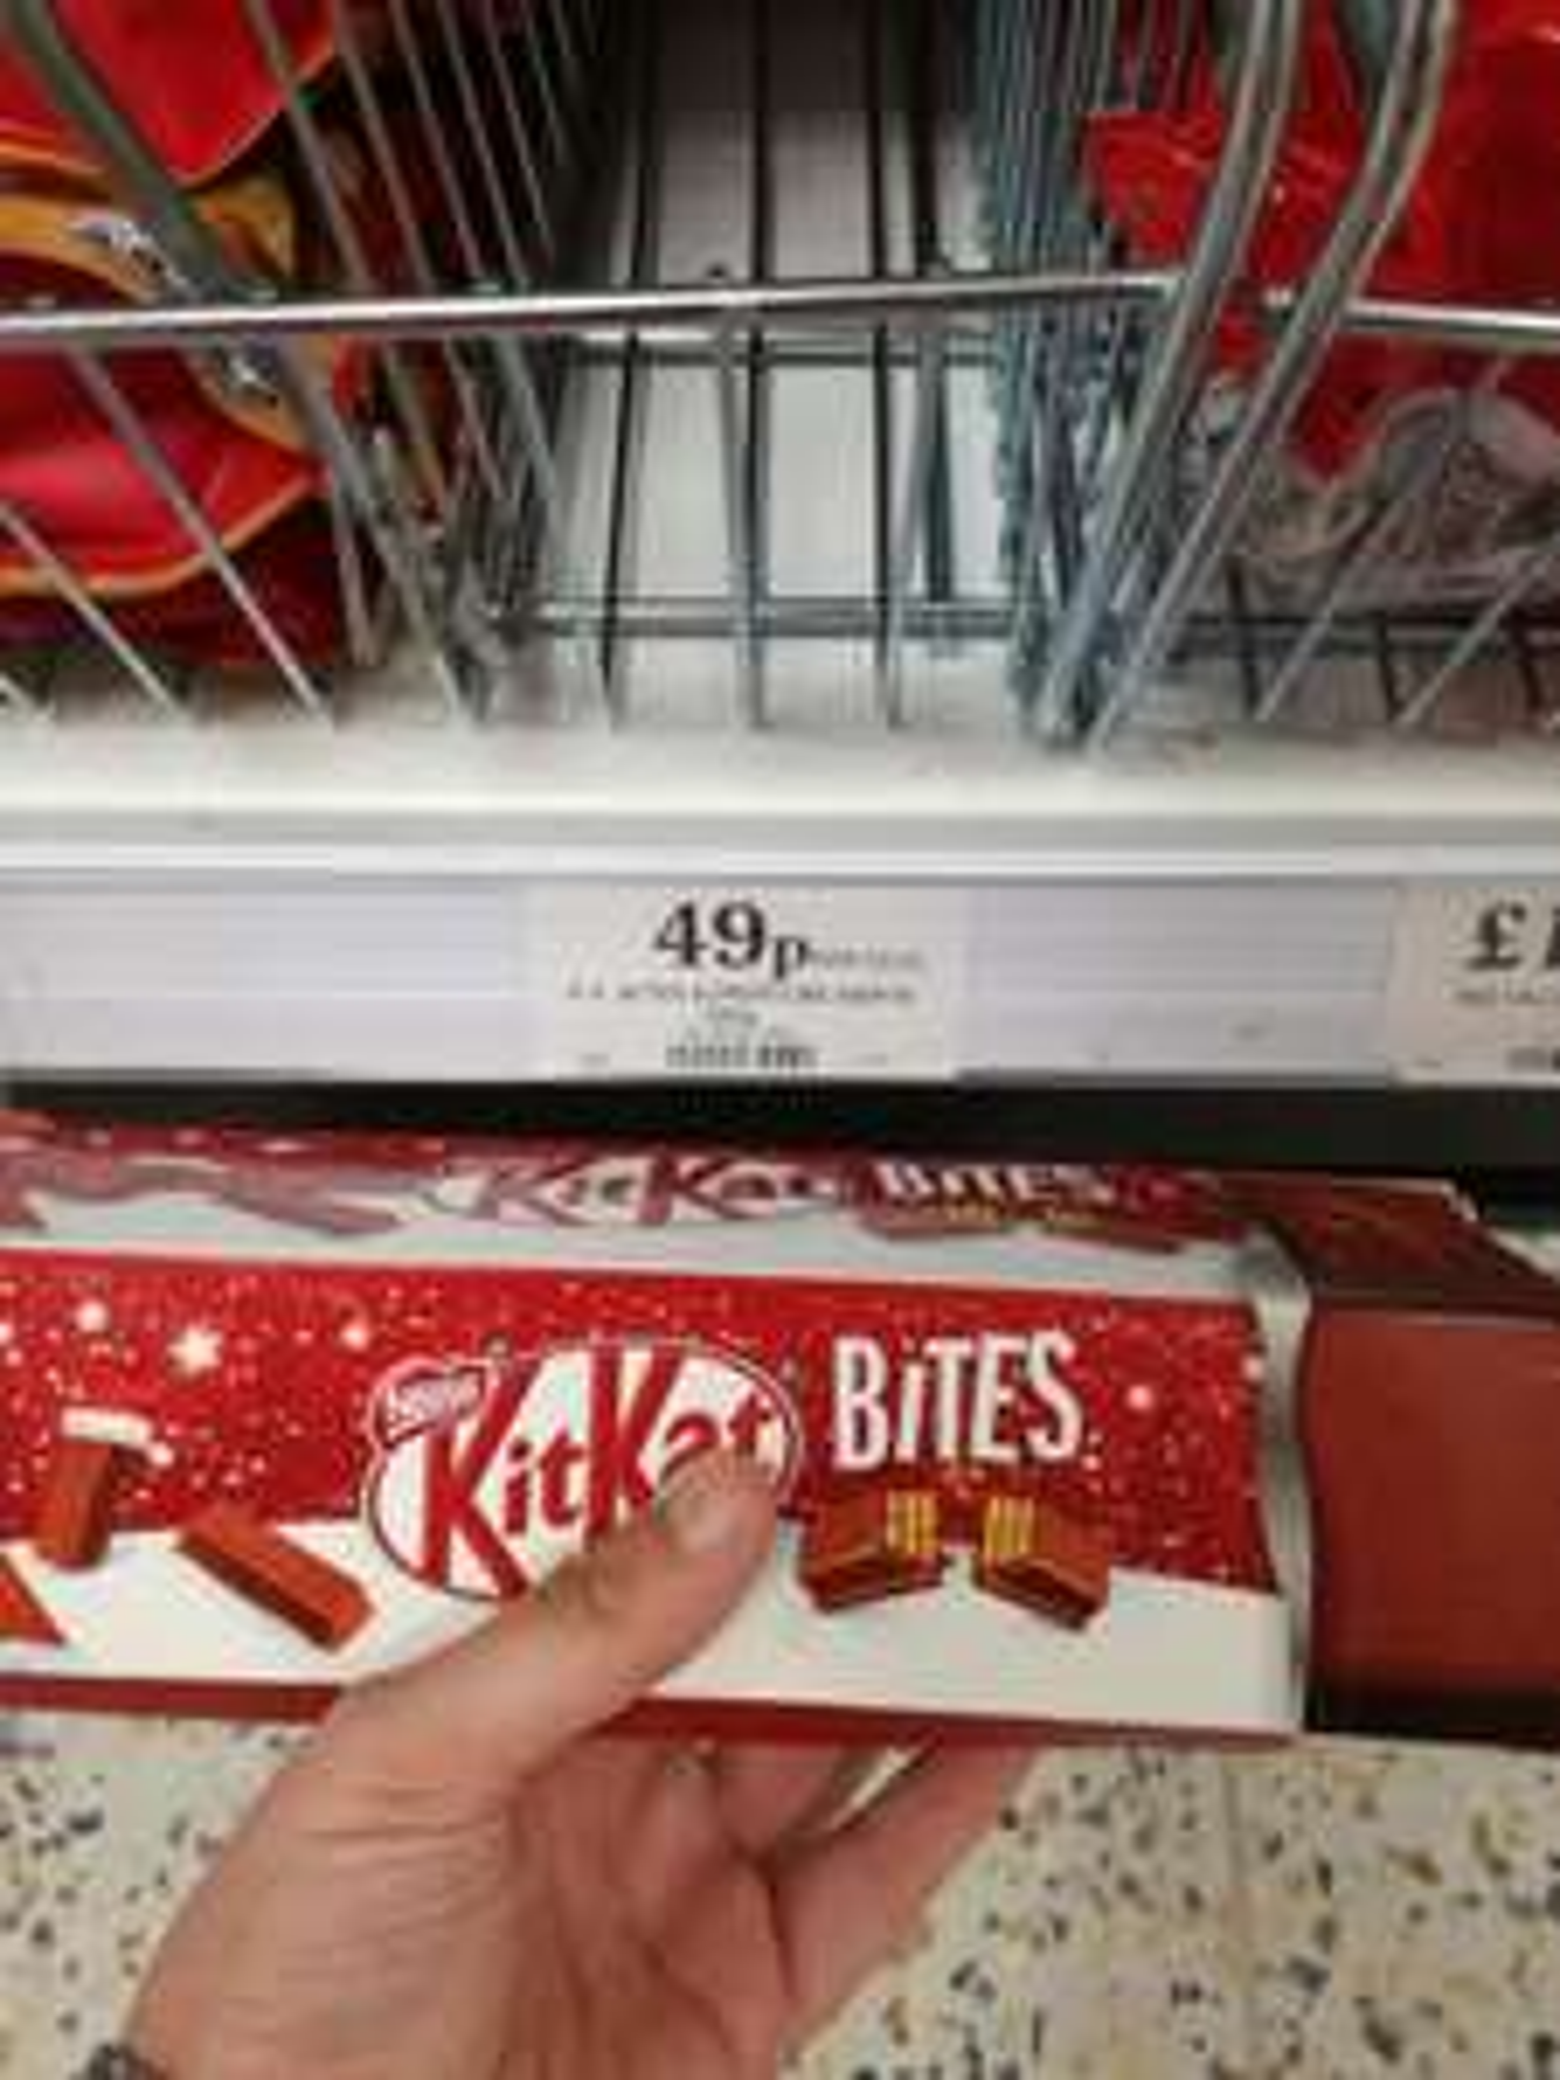 Kit Kat bites supertube of three 81g bags @ home bargains for £0.49